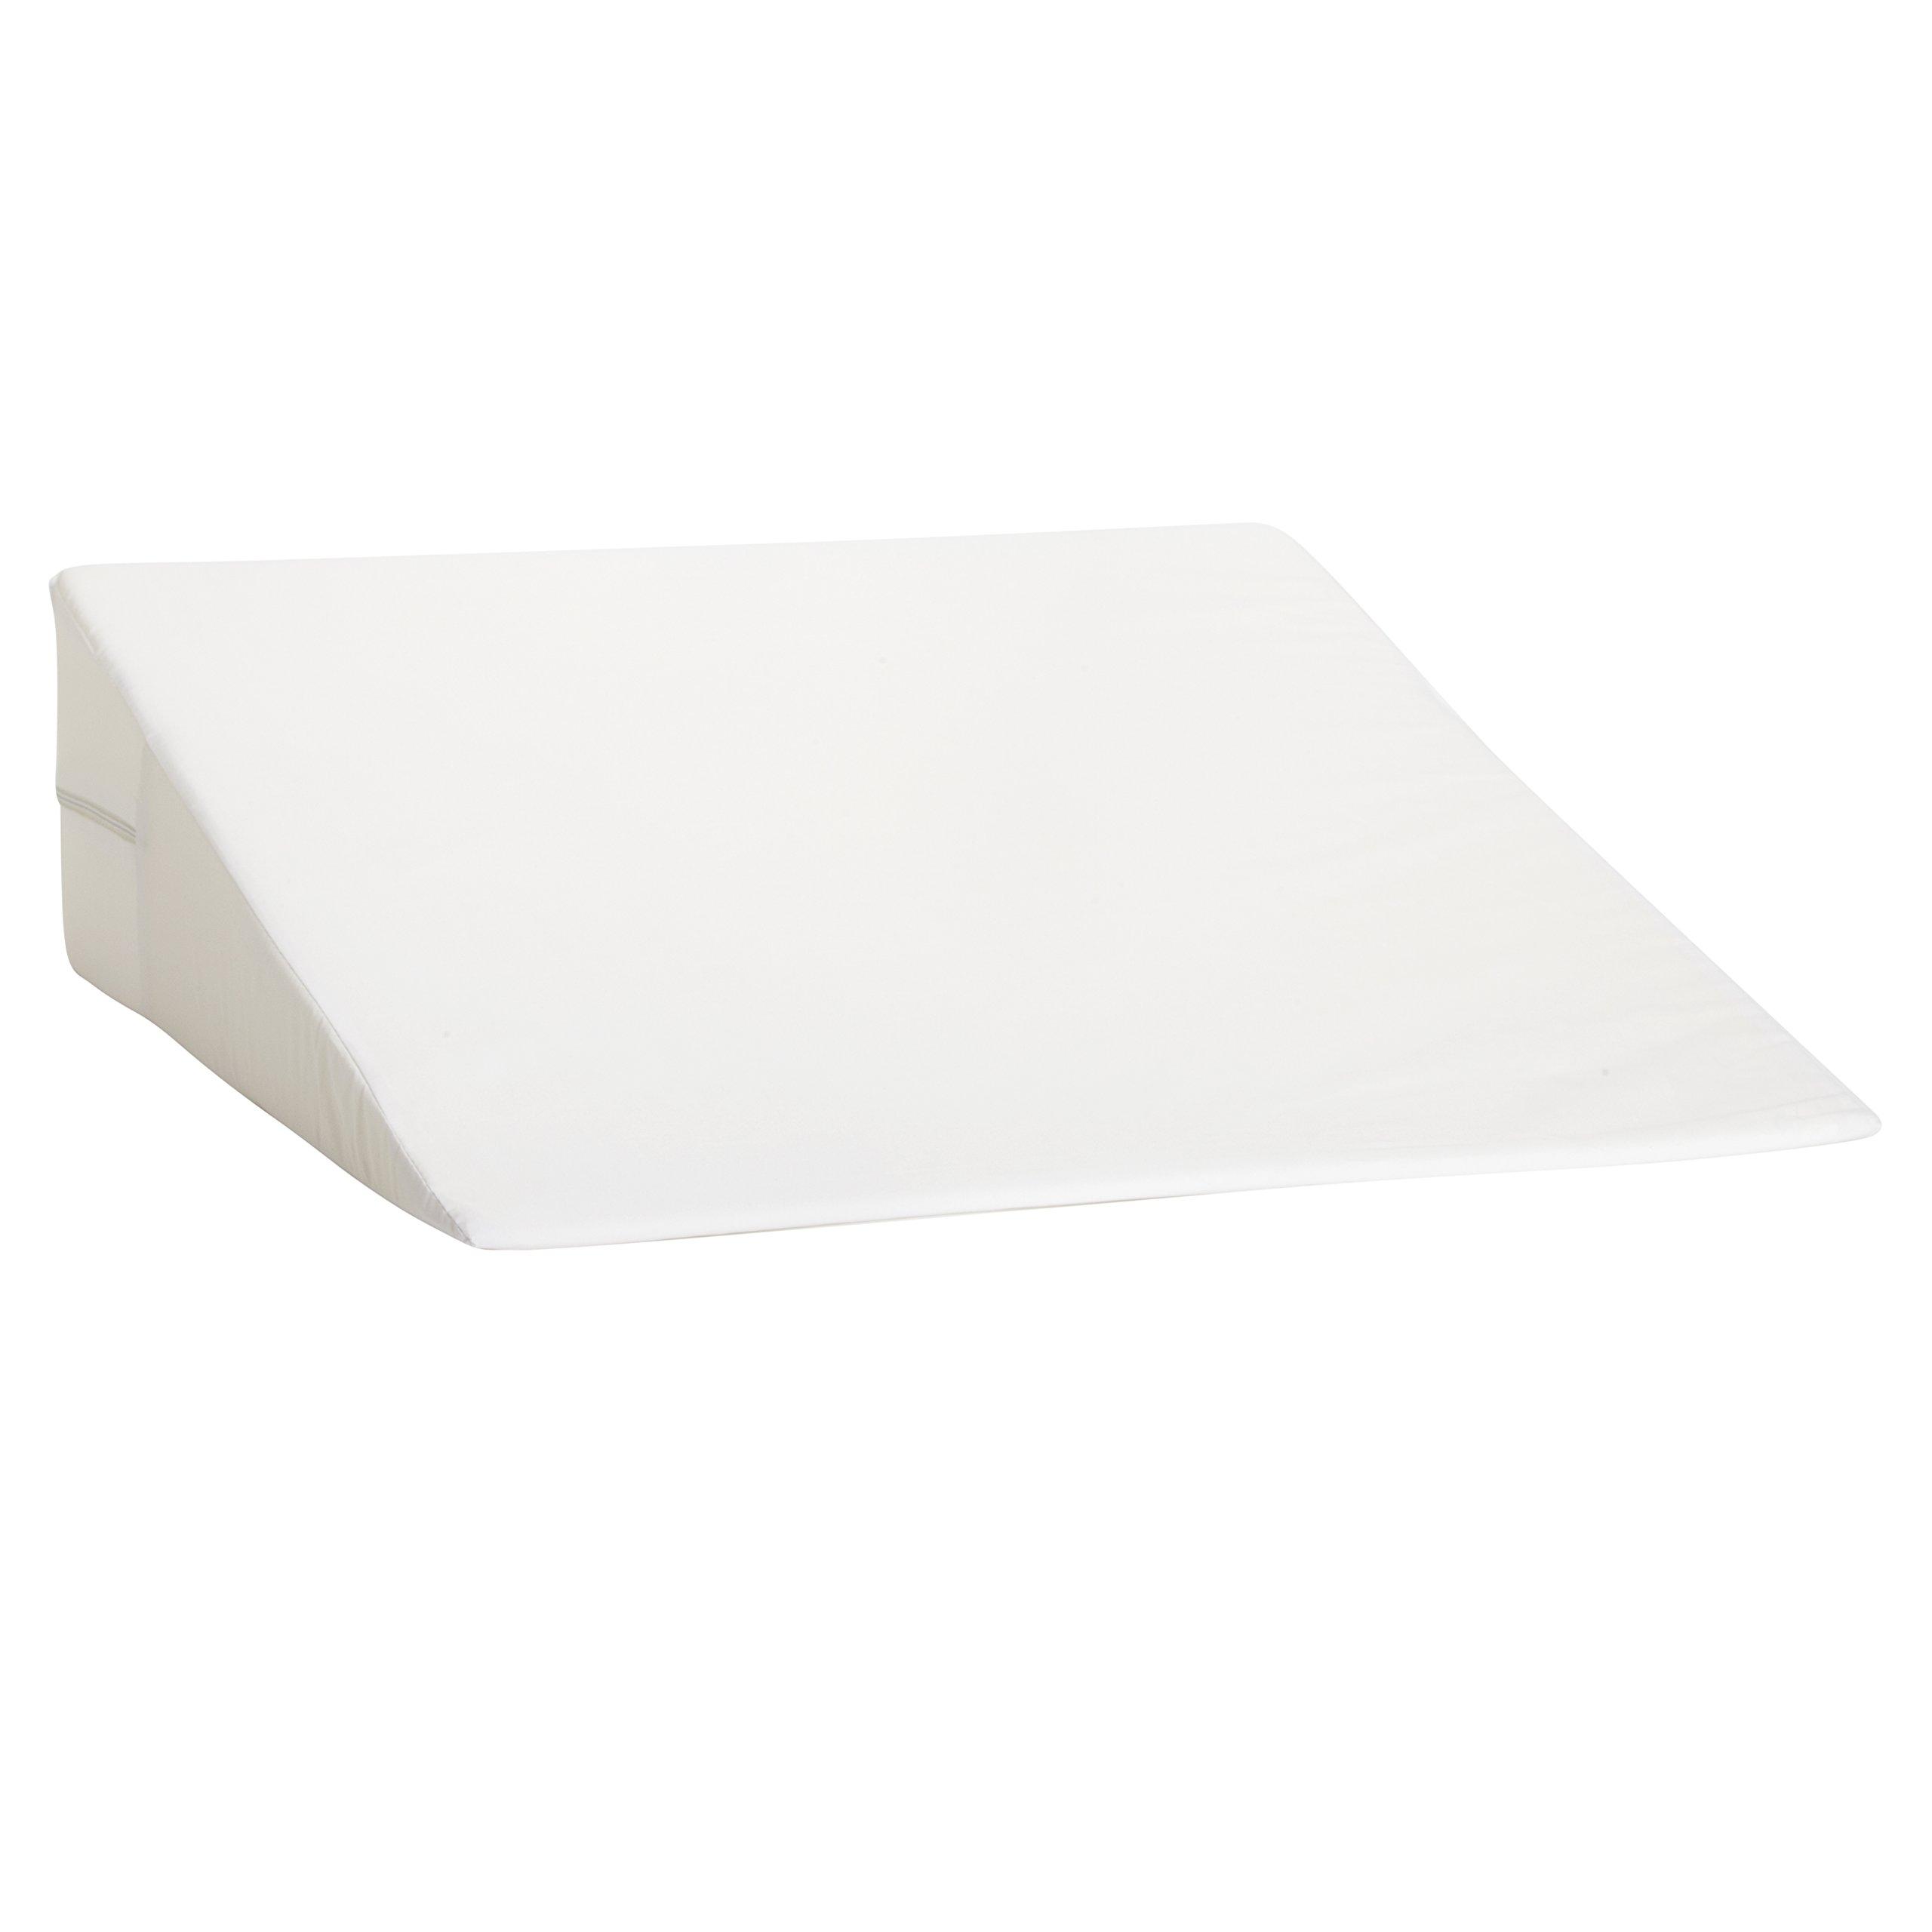 Buy Dmi Foam Bed Wedge Pillow Acid Reflux Pillow Leg